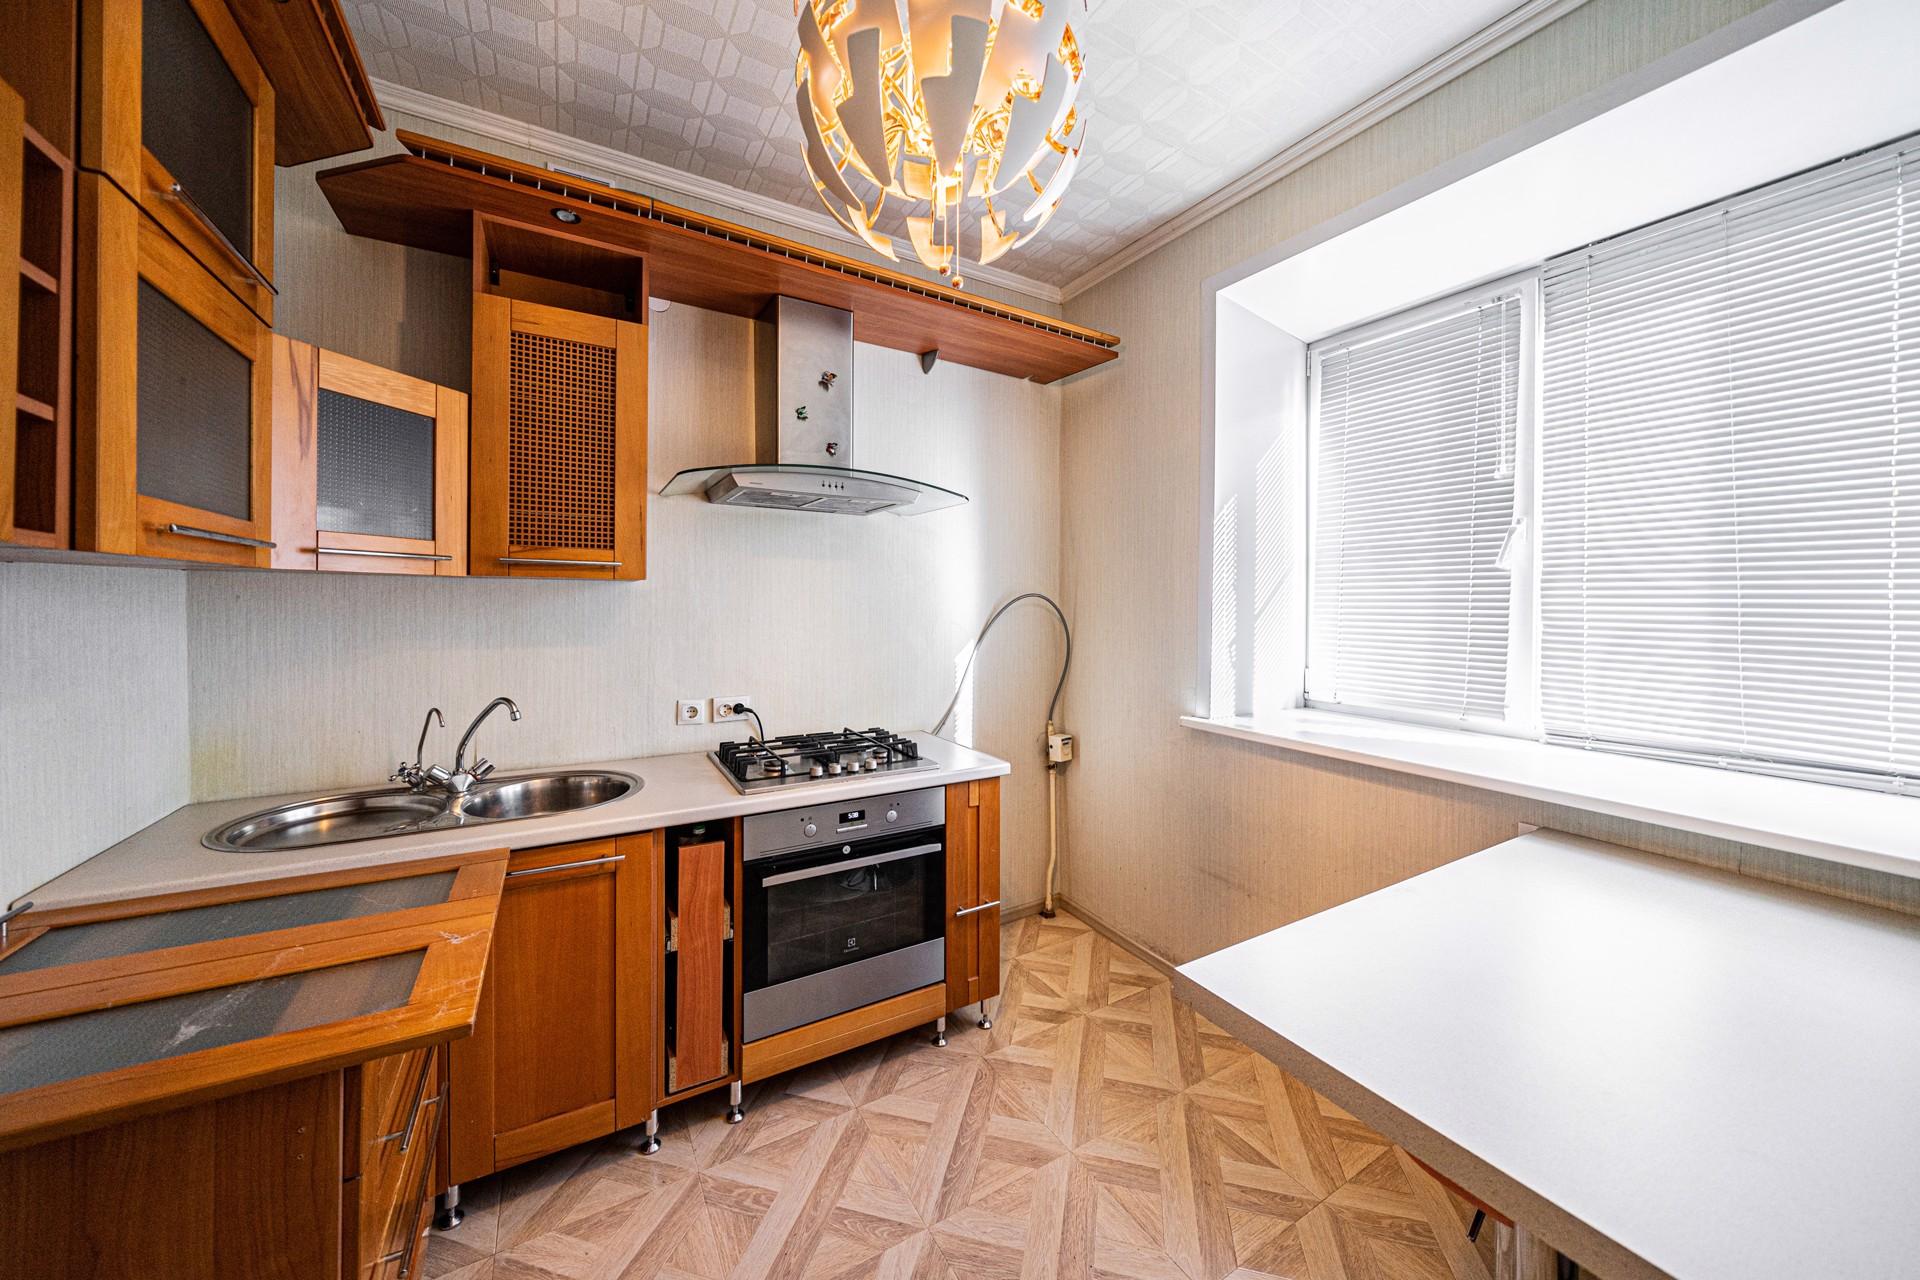 Продажа 2-к квартиры, Липецк, Звёздная улица, 5А, 63 м², 3590000 ₽